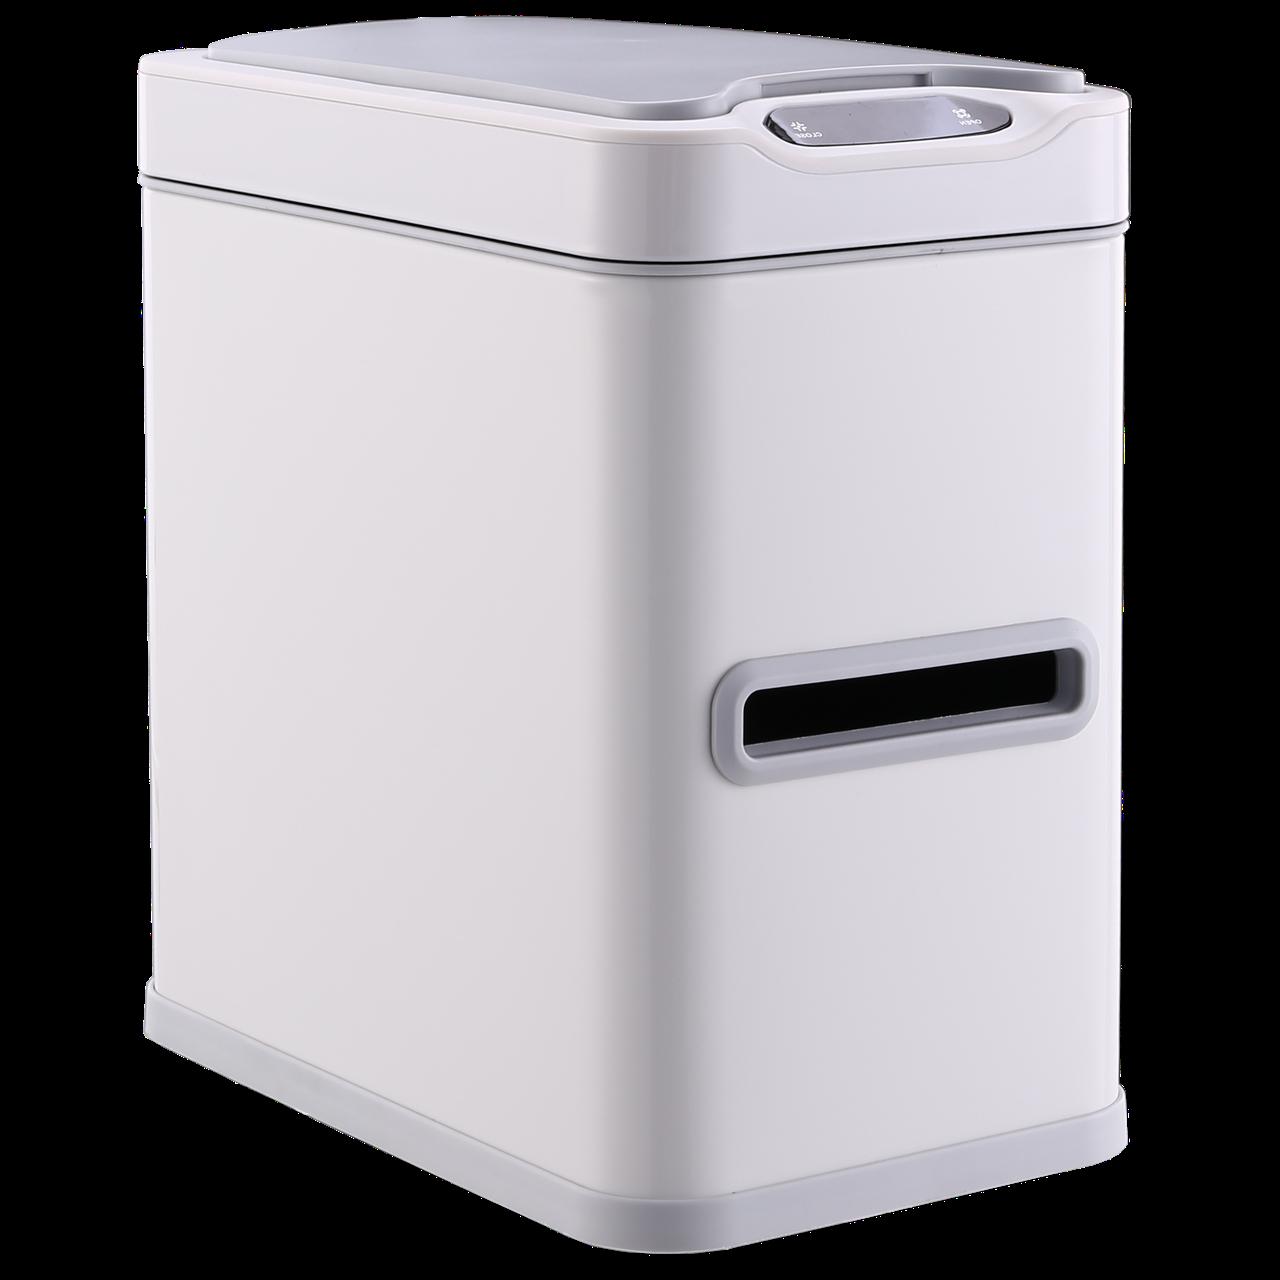 Сенсорное мусорное ведро JAH 7 л прямоугольное белое с внутренним ведром